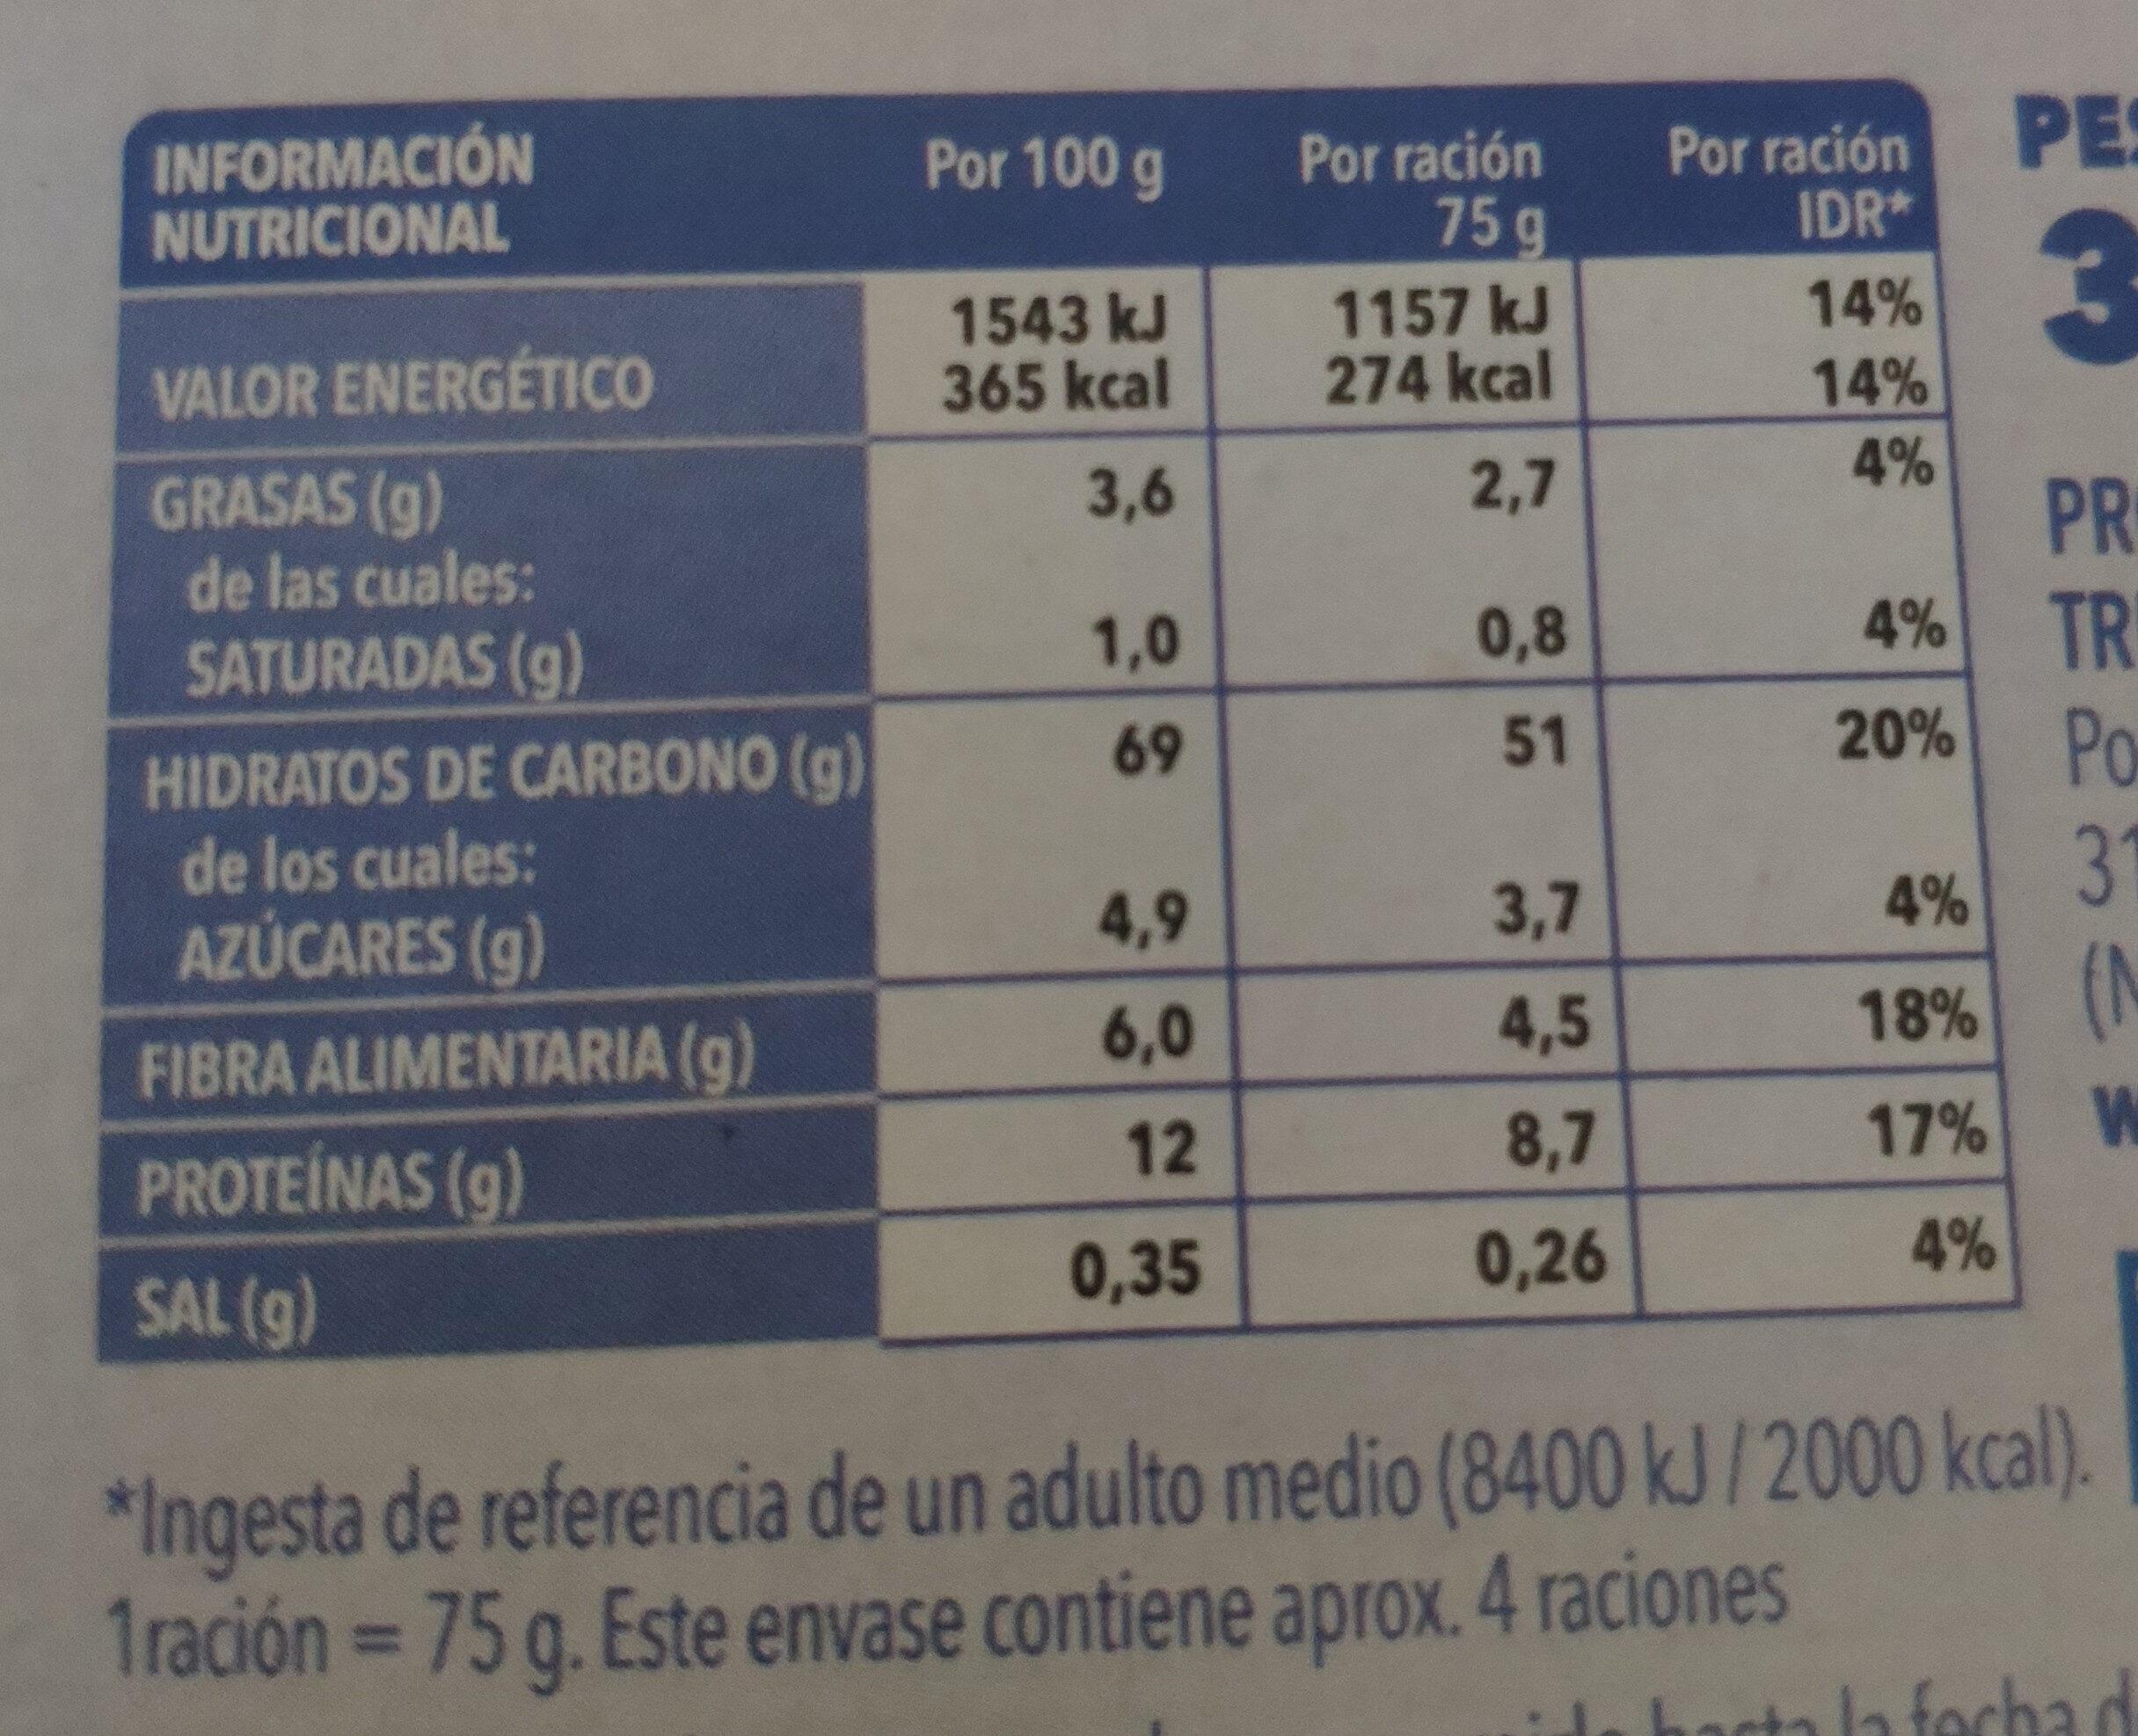 Cous cous mediterráneo - Información nutricional - es